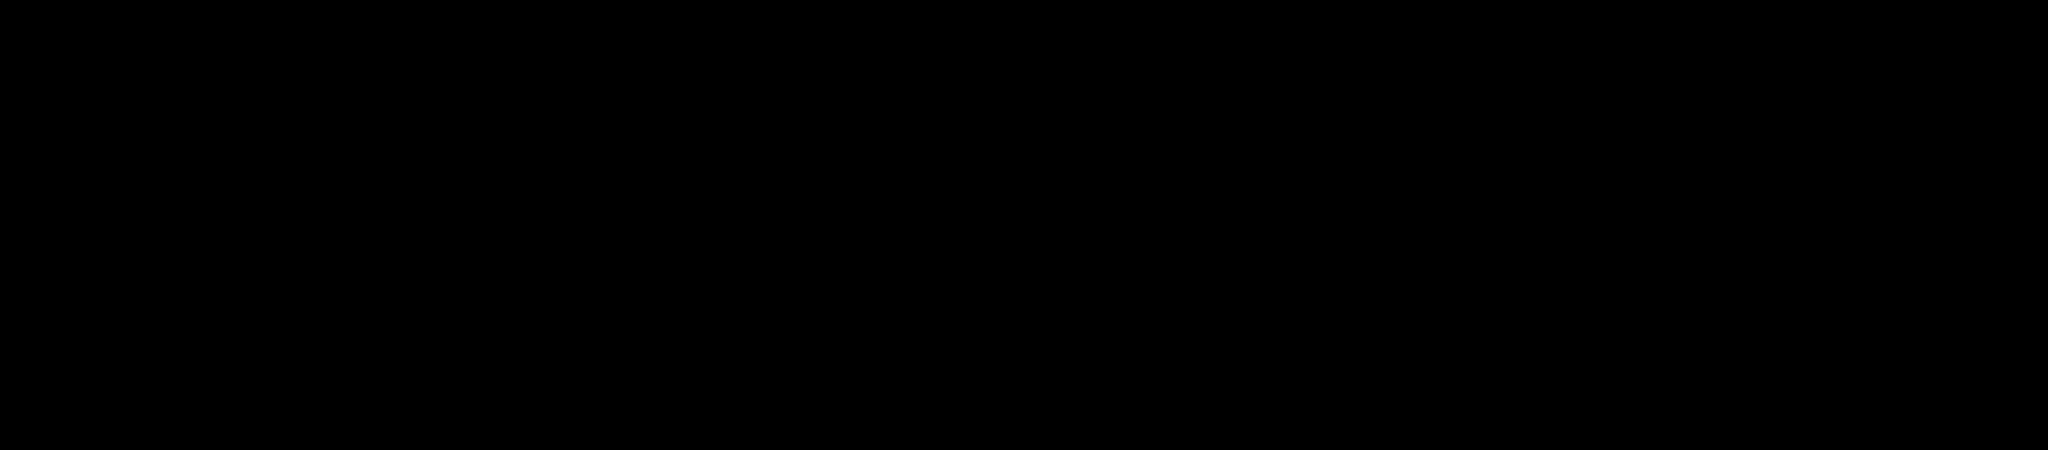 Benecko